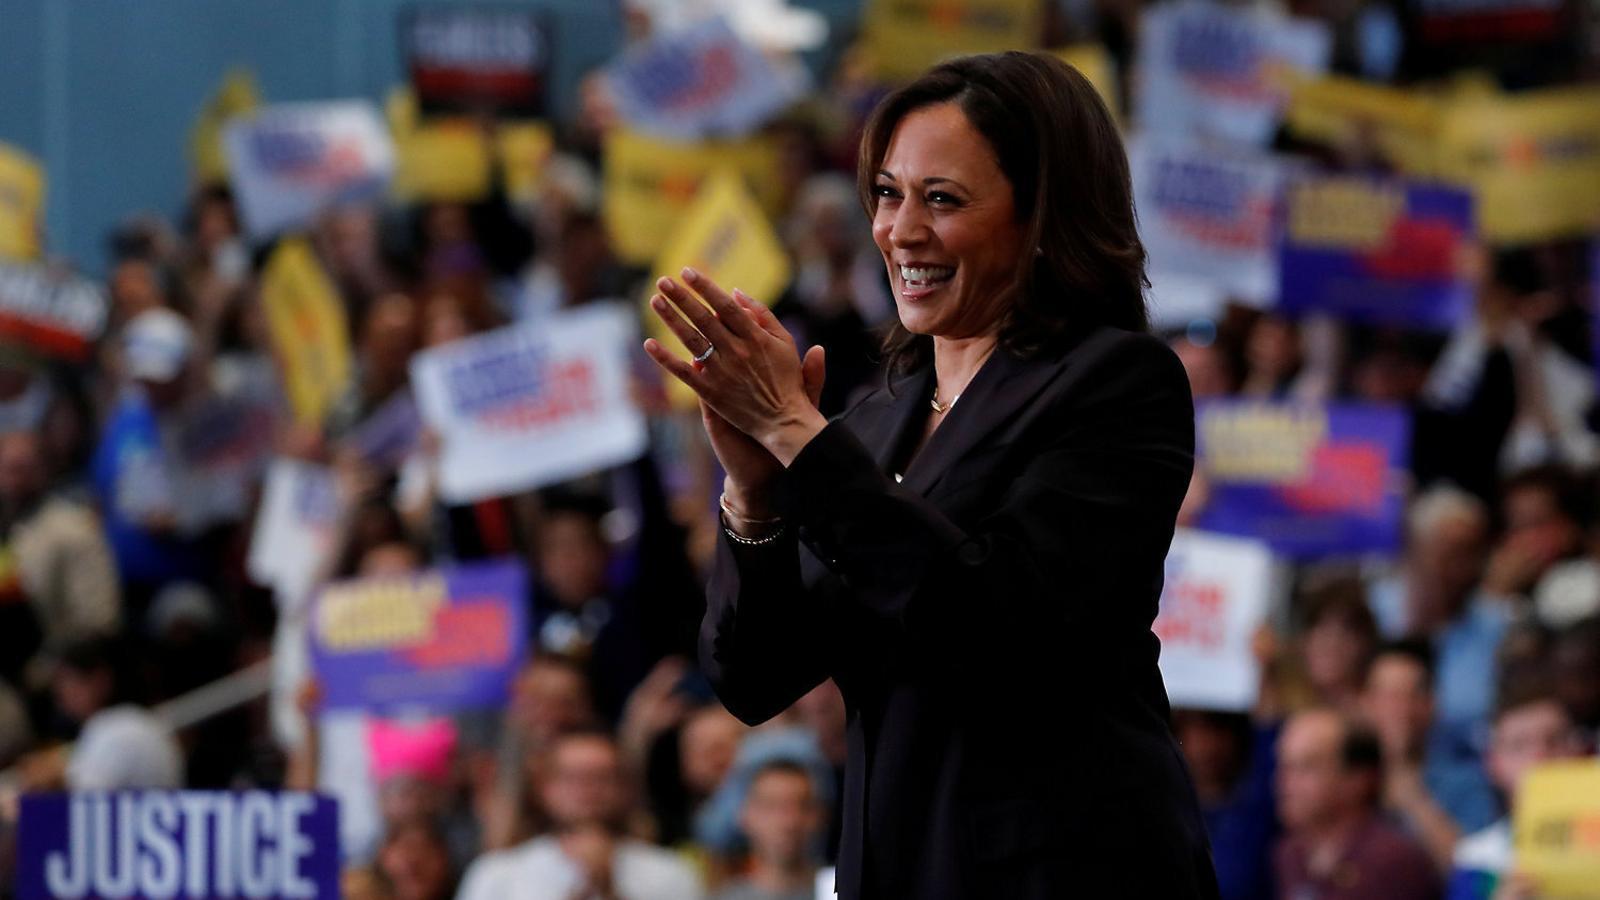 La senadora Kamala Harris en un míting electoral a Los Angeles celebrat al maig.